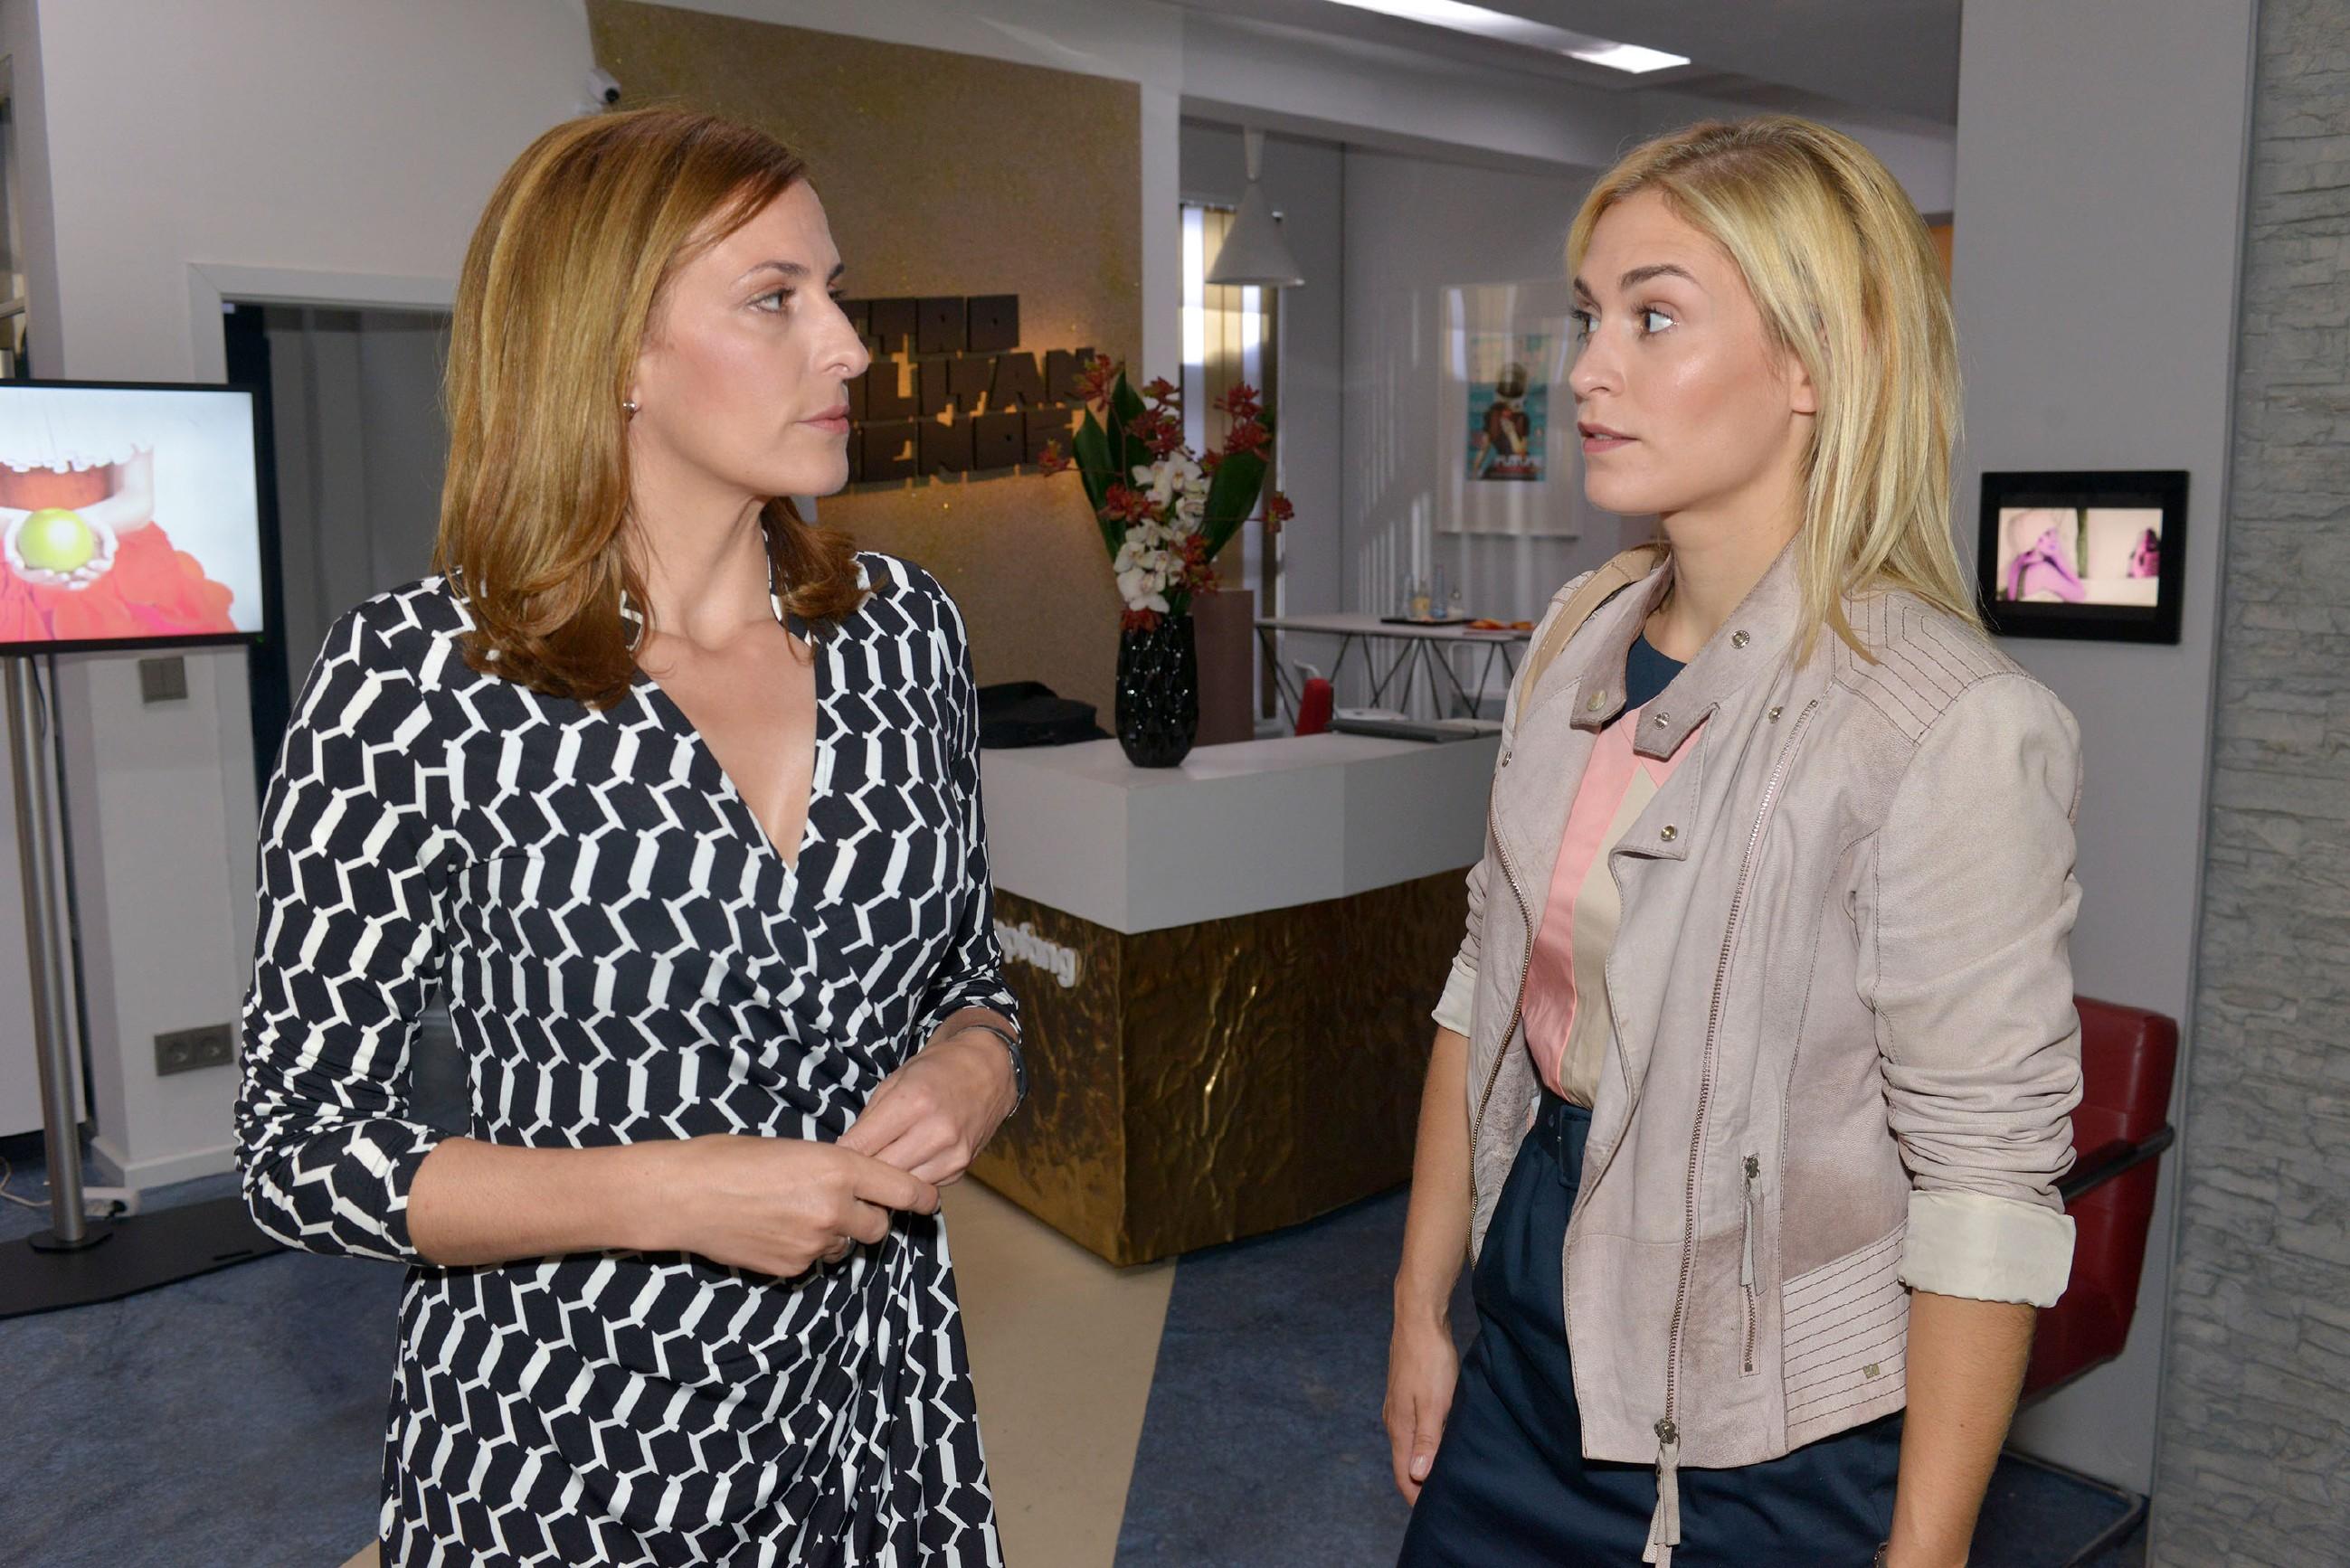 Sophie (Lea Marlen Woitack, r.) ist vor den Kopf gestoßen, als sie von Katrin (Ulrike Frank) sozusagen zur Praktikantin degradiert wird. (Quelle: © RTL / Rolf Baumgartner)